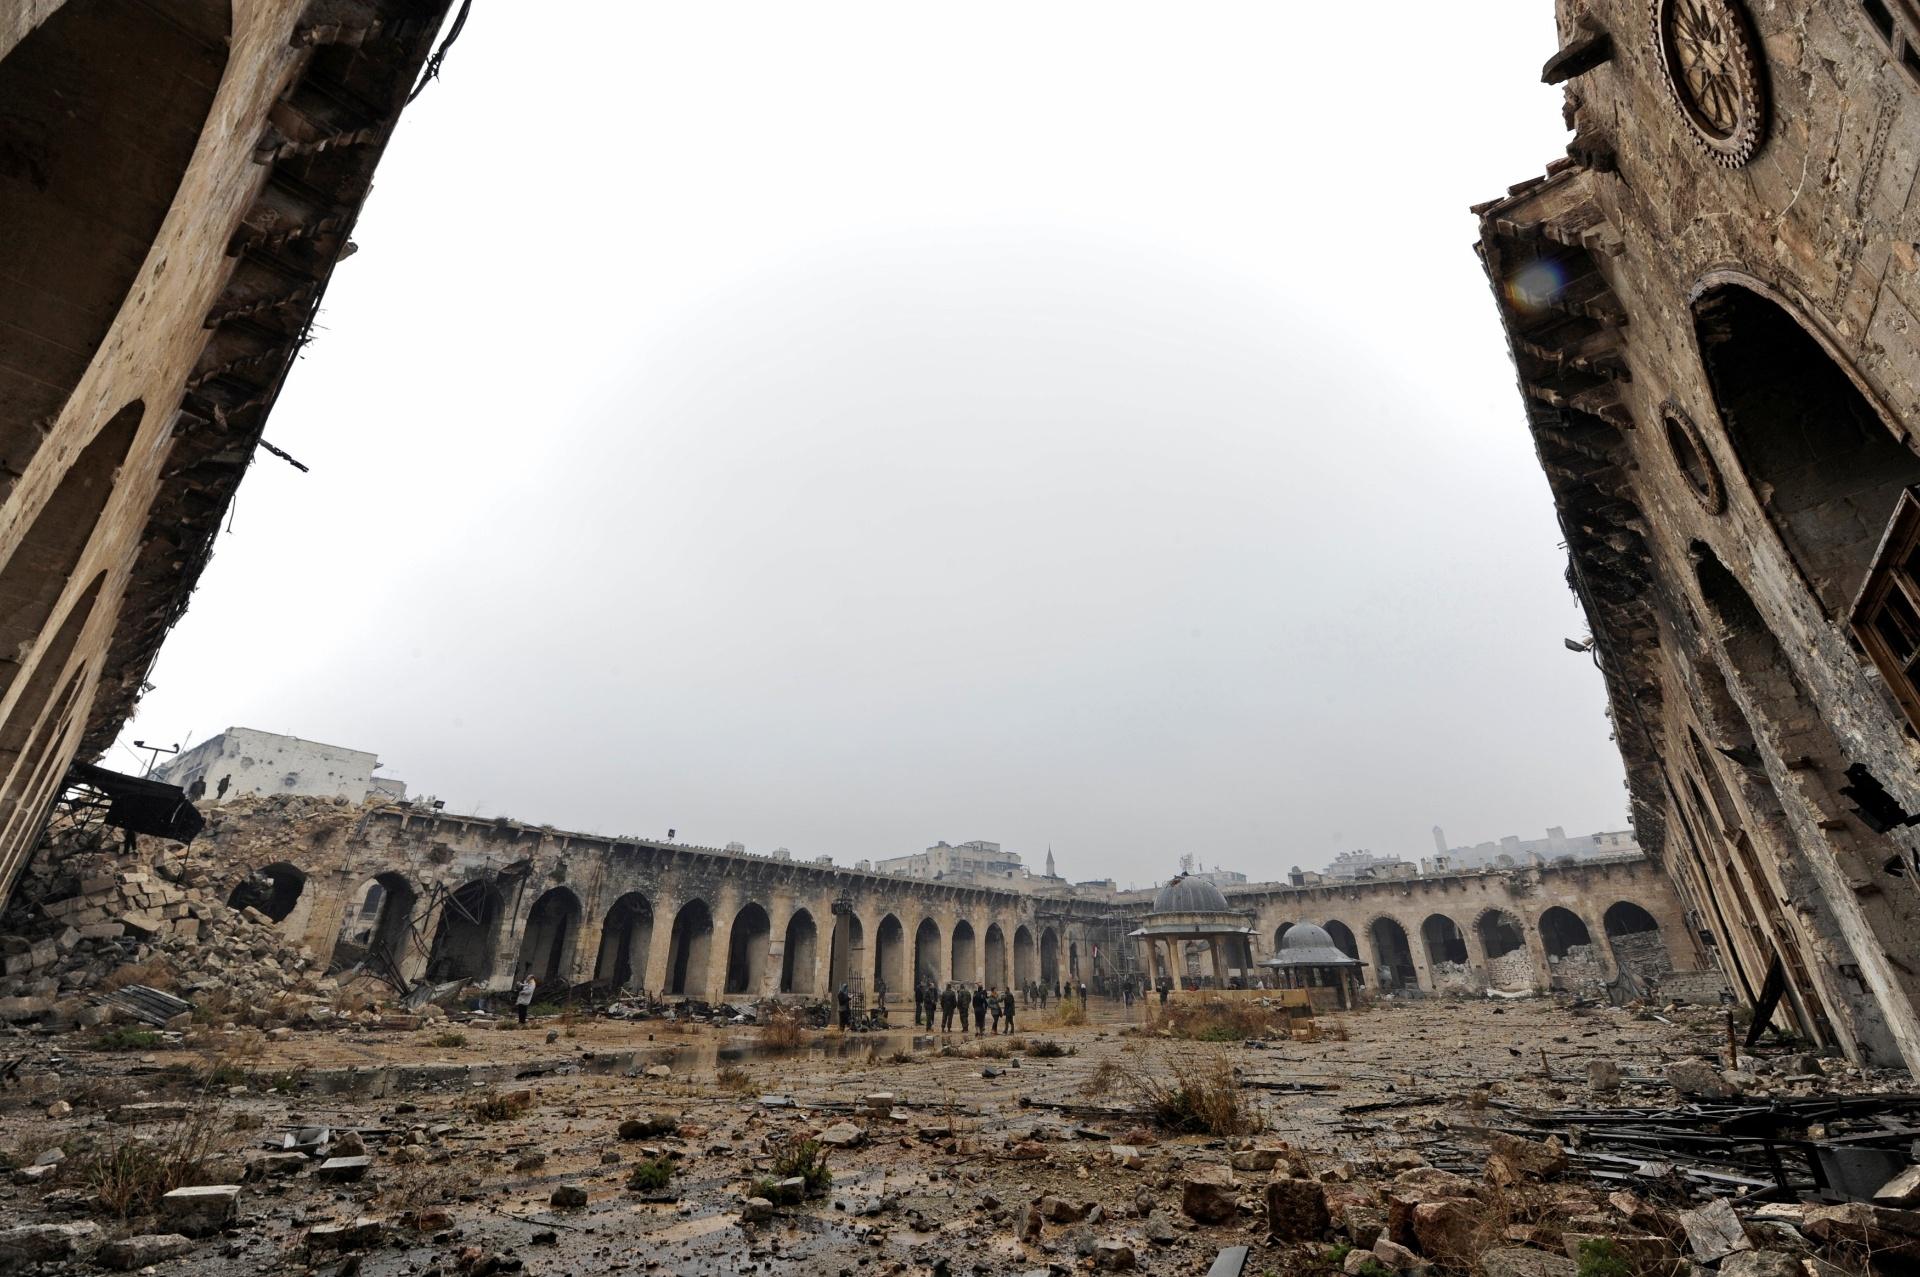 22.dez.2016 - Homens andam pelos destroços encontrados onde antes ficava a mesquita de Umayyad, em Aleppo, na Síria. Esta fotografia foi feita em dezembro de 2016. A cidade foi classificada como Patrimônio da Humanidade pela ONU (Organização das Nações Unidas), e sua destruição causa grande preocupação para arqueólogos e historiadores